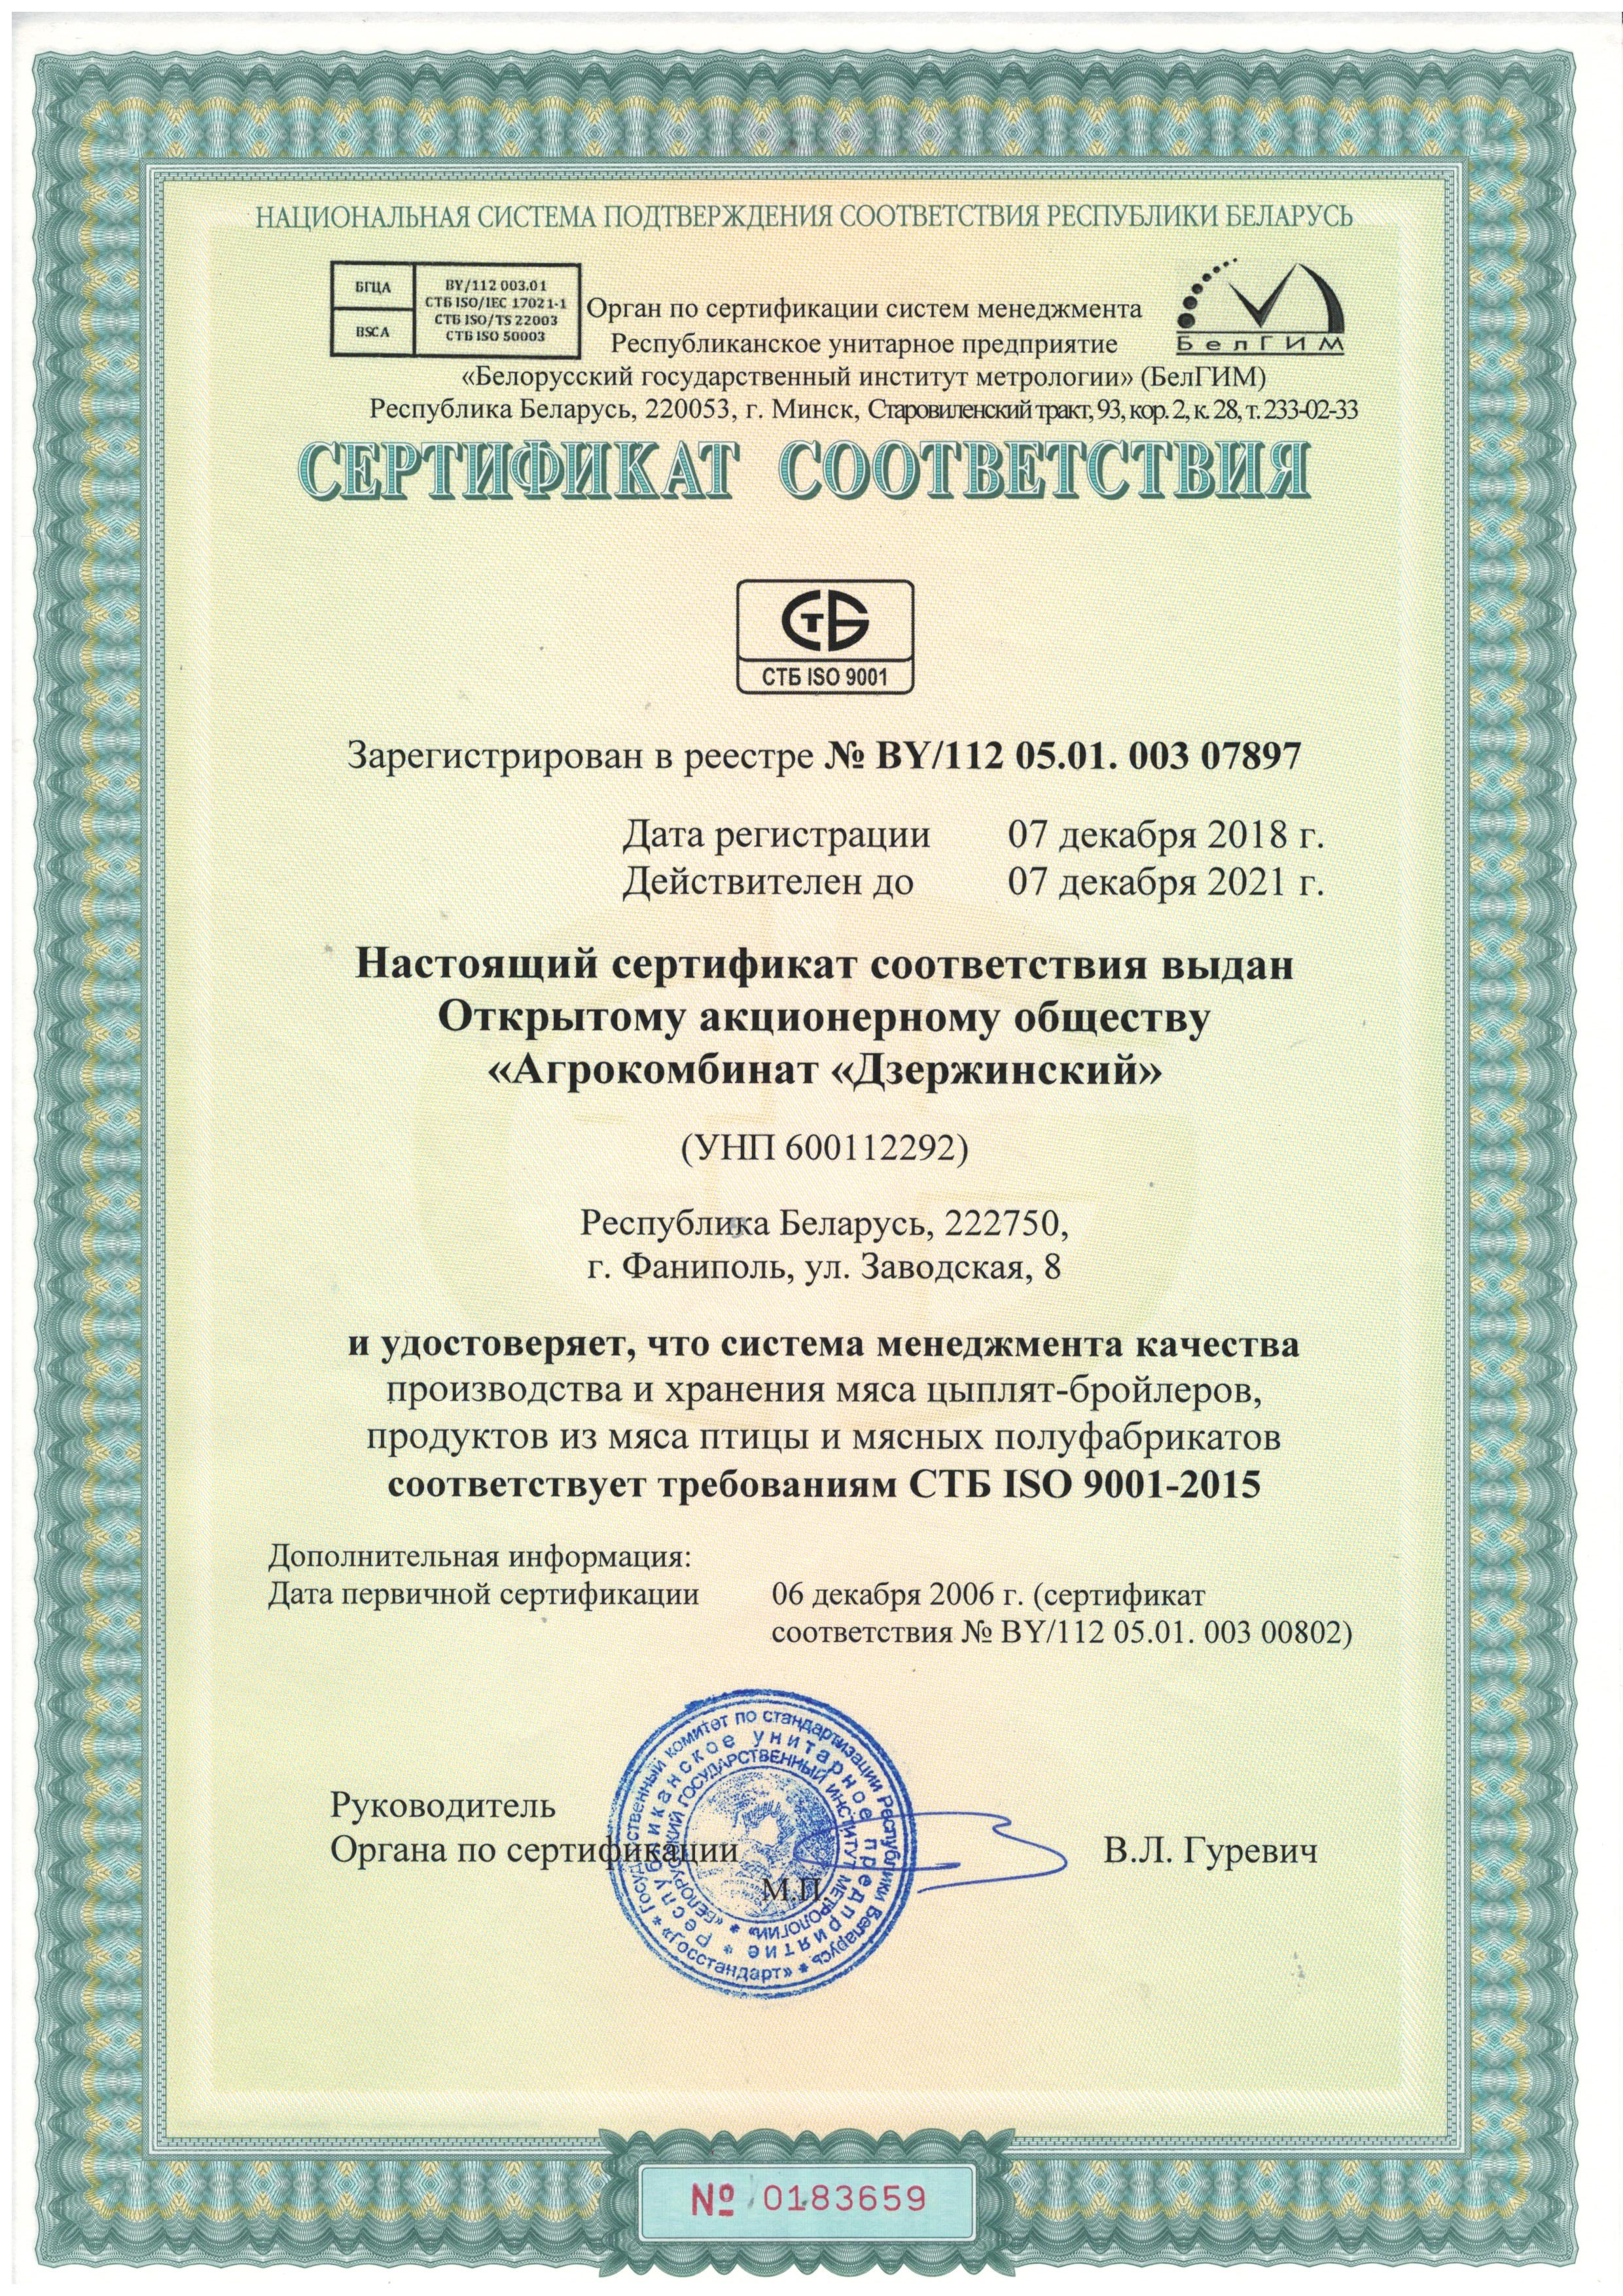 stb-iso-9001-2015-na-russkom.2.jpg